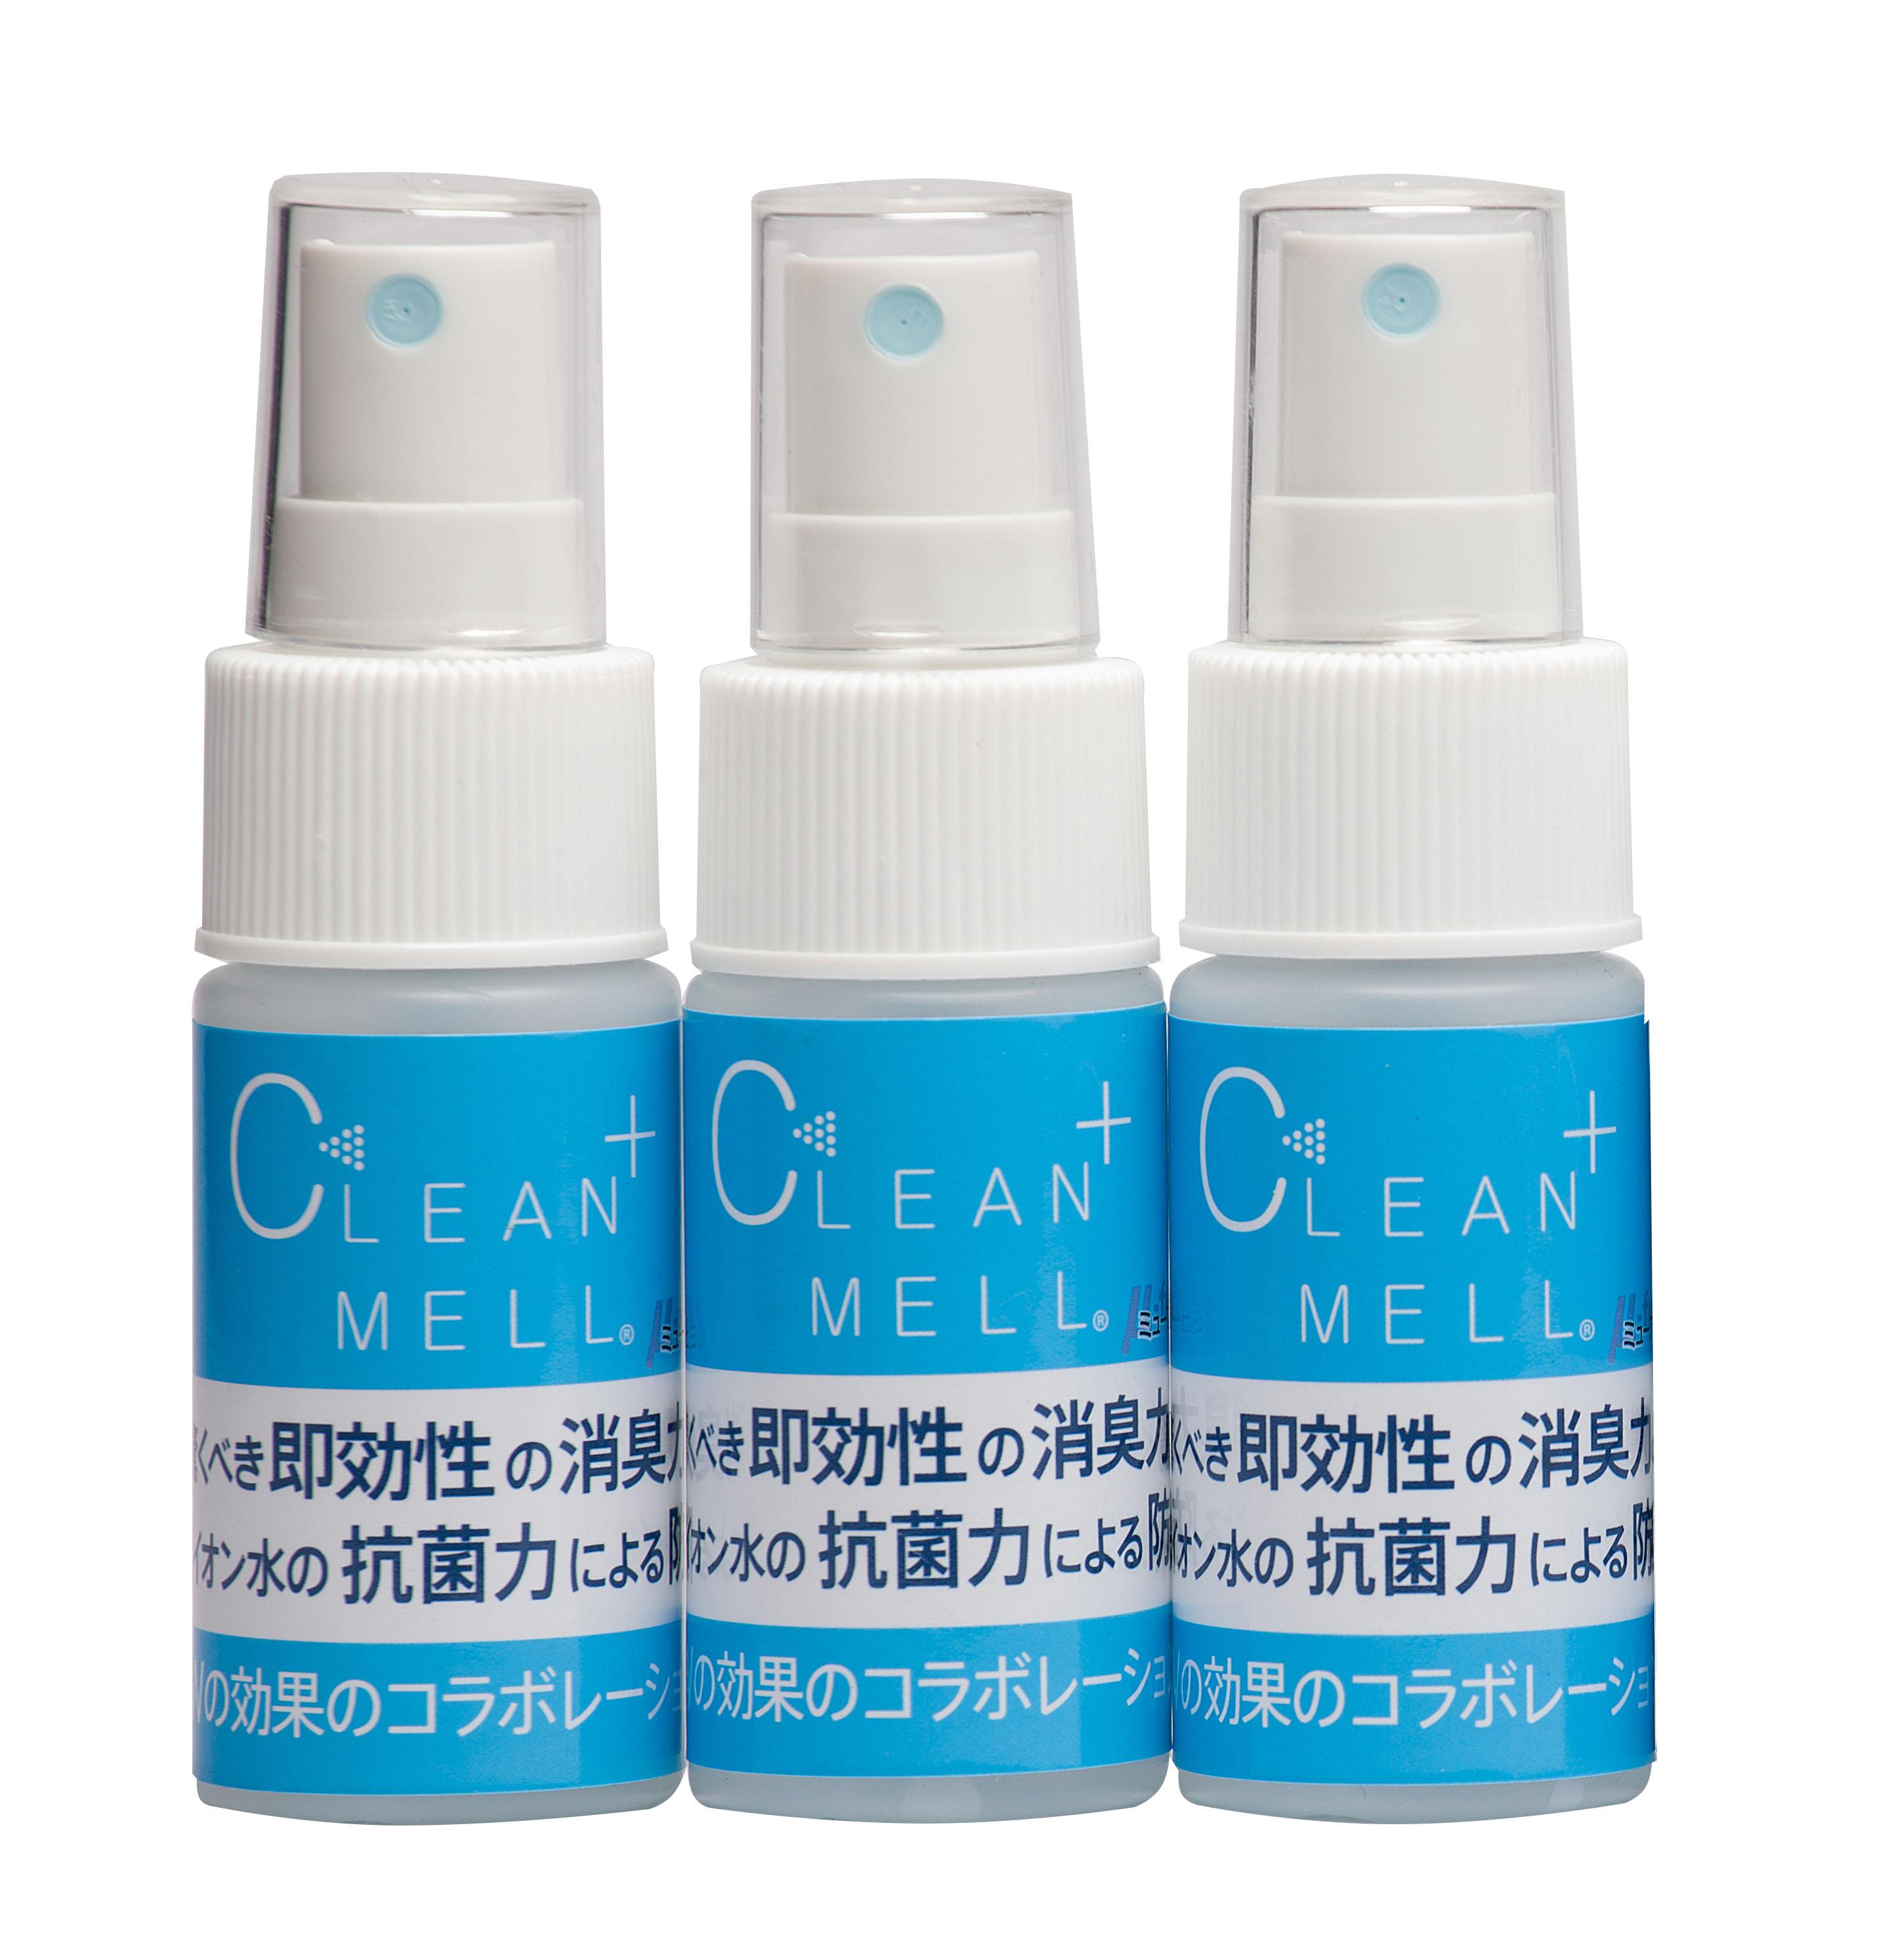 3瓶套組日本製CLEAN MELL+mju-func®妙屋房銀纖維銀離子去味・抗菌噴劑 CM-1  30ml 迷你隨手小包裝